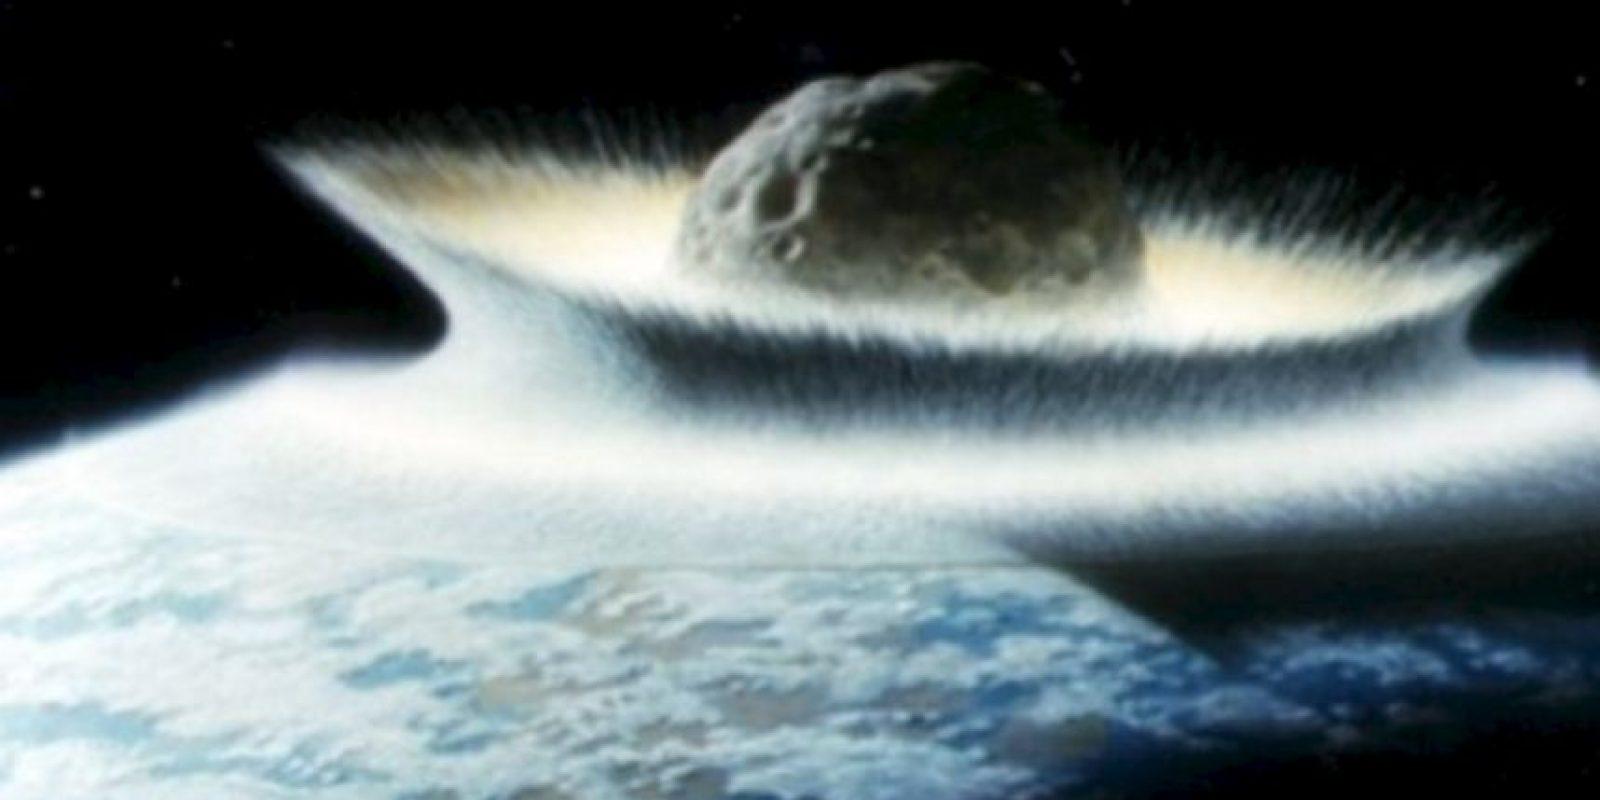 Fotos: Esto nos pasaría si cae un asteroide como el que mató a los dinosaurios Uno de los más cercanos en rozar la Tierra fue el asteroide Apofis en 2004. Aunque el riesgo es que vuelva en 2029. Pasaría a 35 mil kilómetros de la Tierra. Foto:Astroart